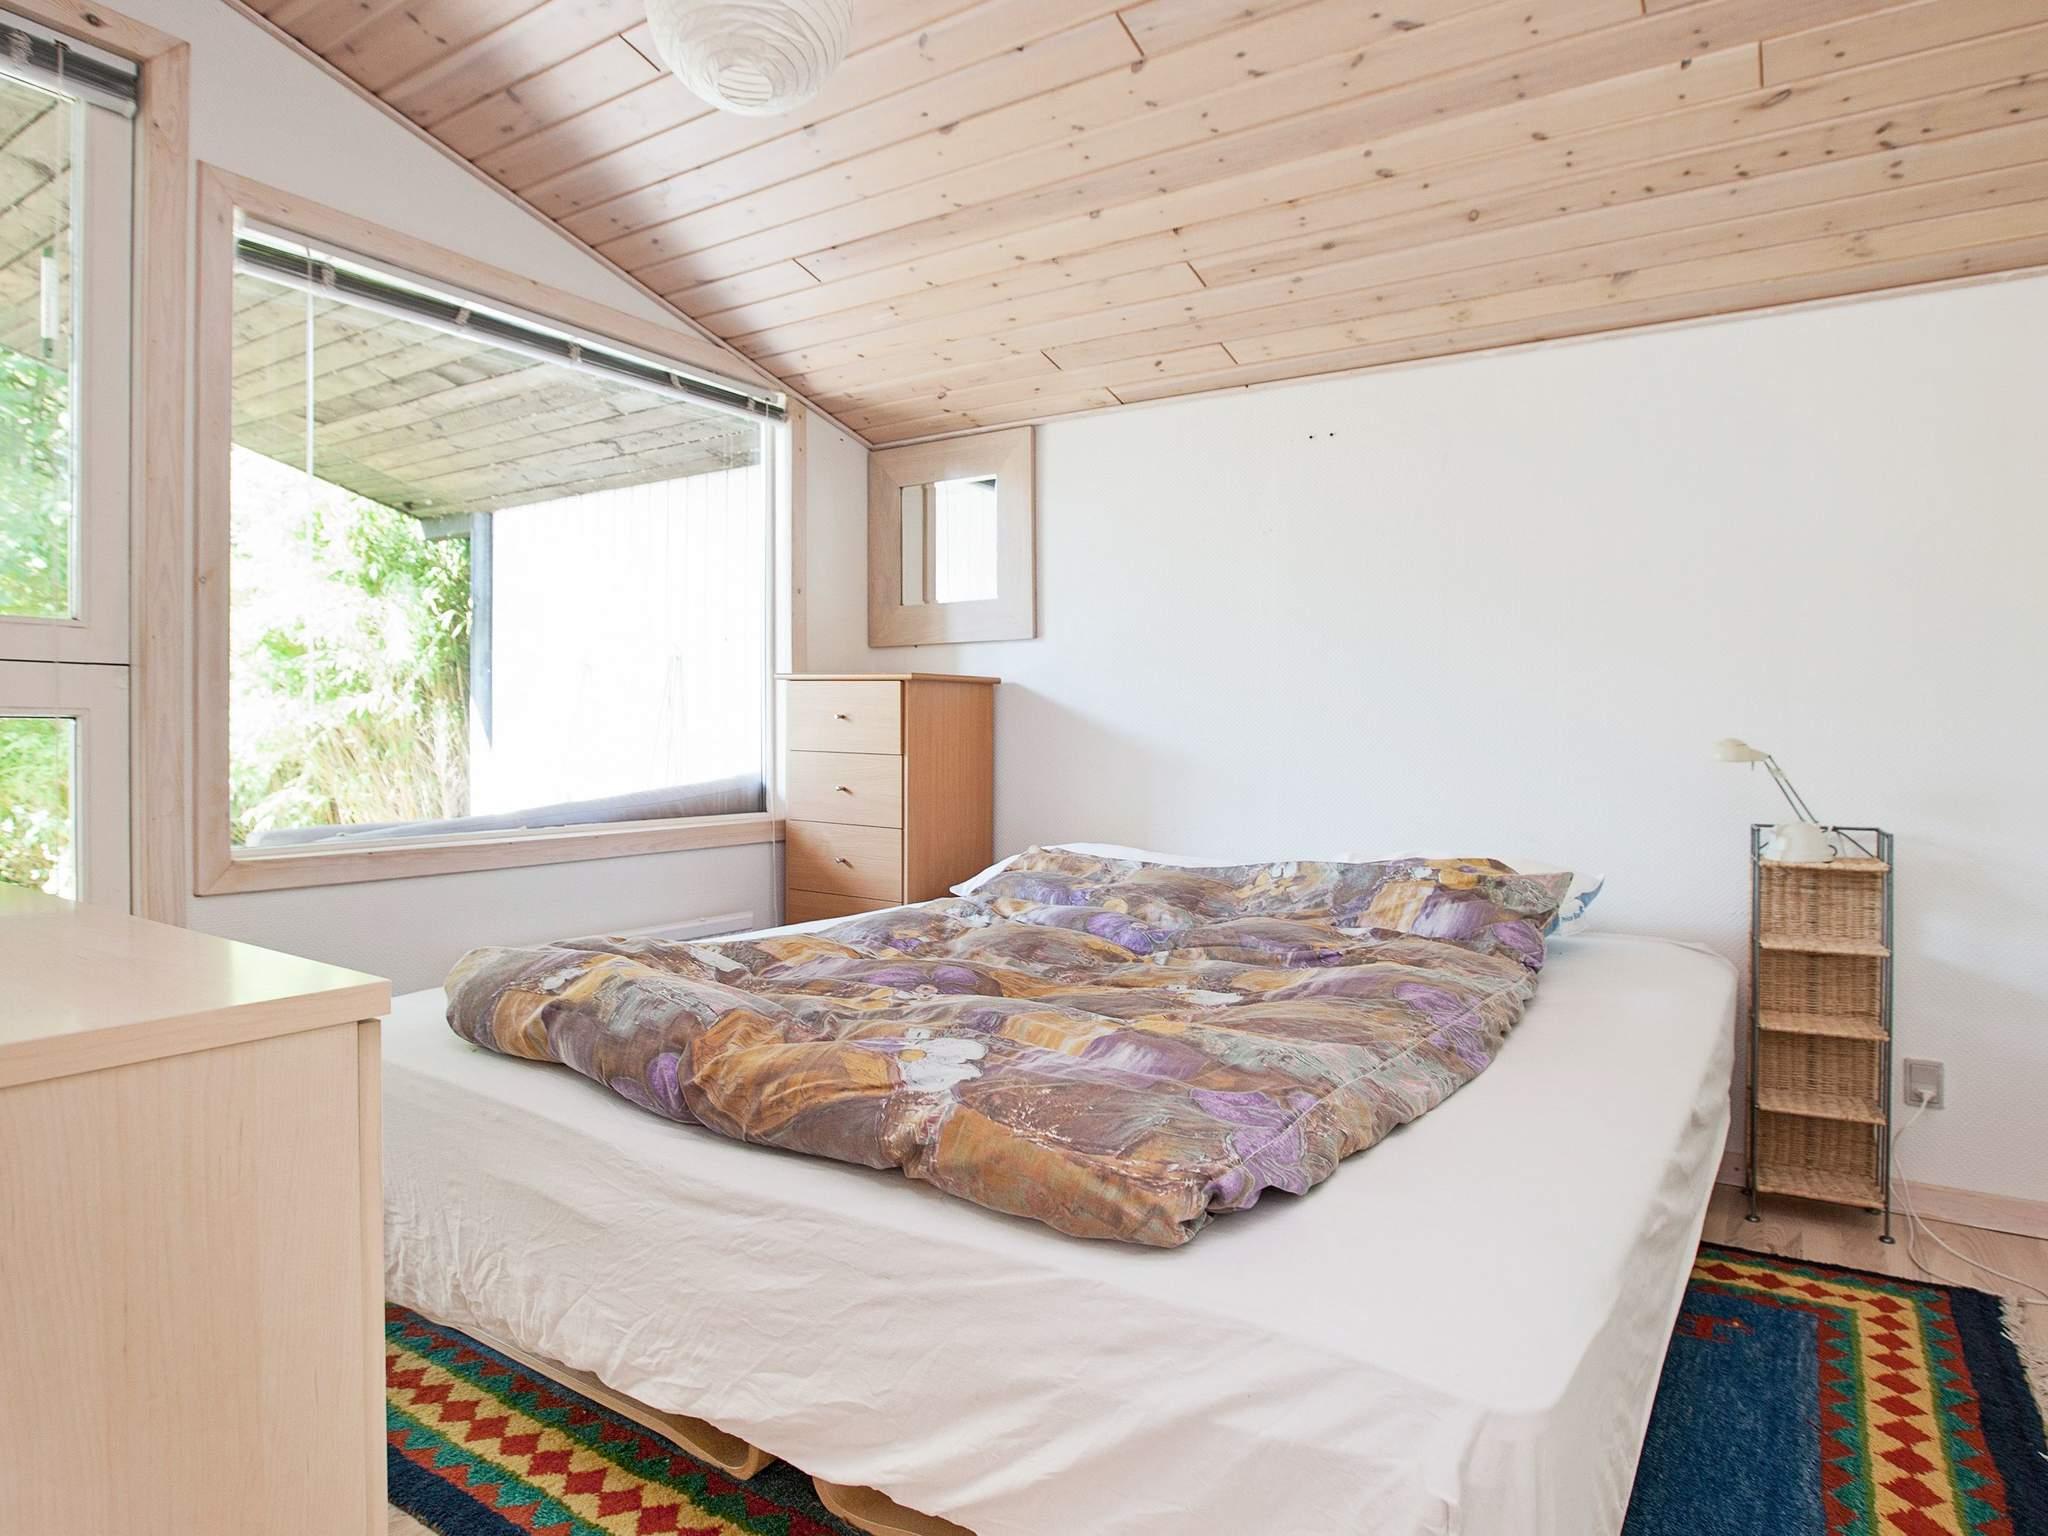 Ferienhaus Marielyst (83778), Marielyst, , Falster, Dänemark, Bild 9